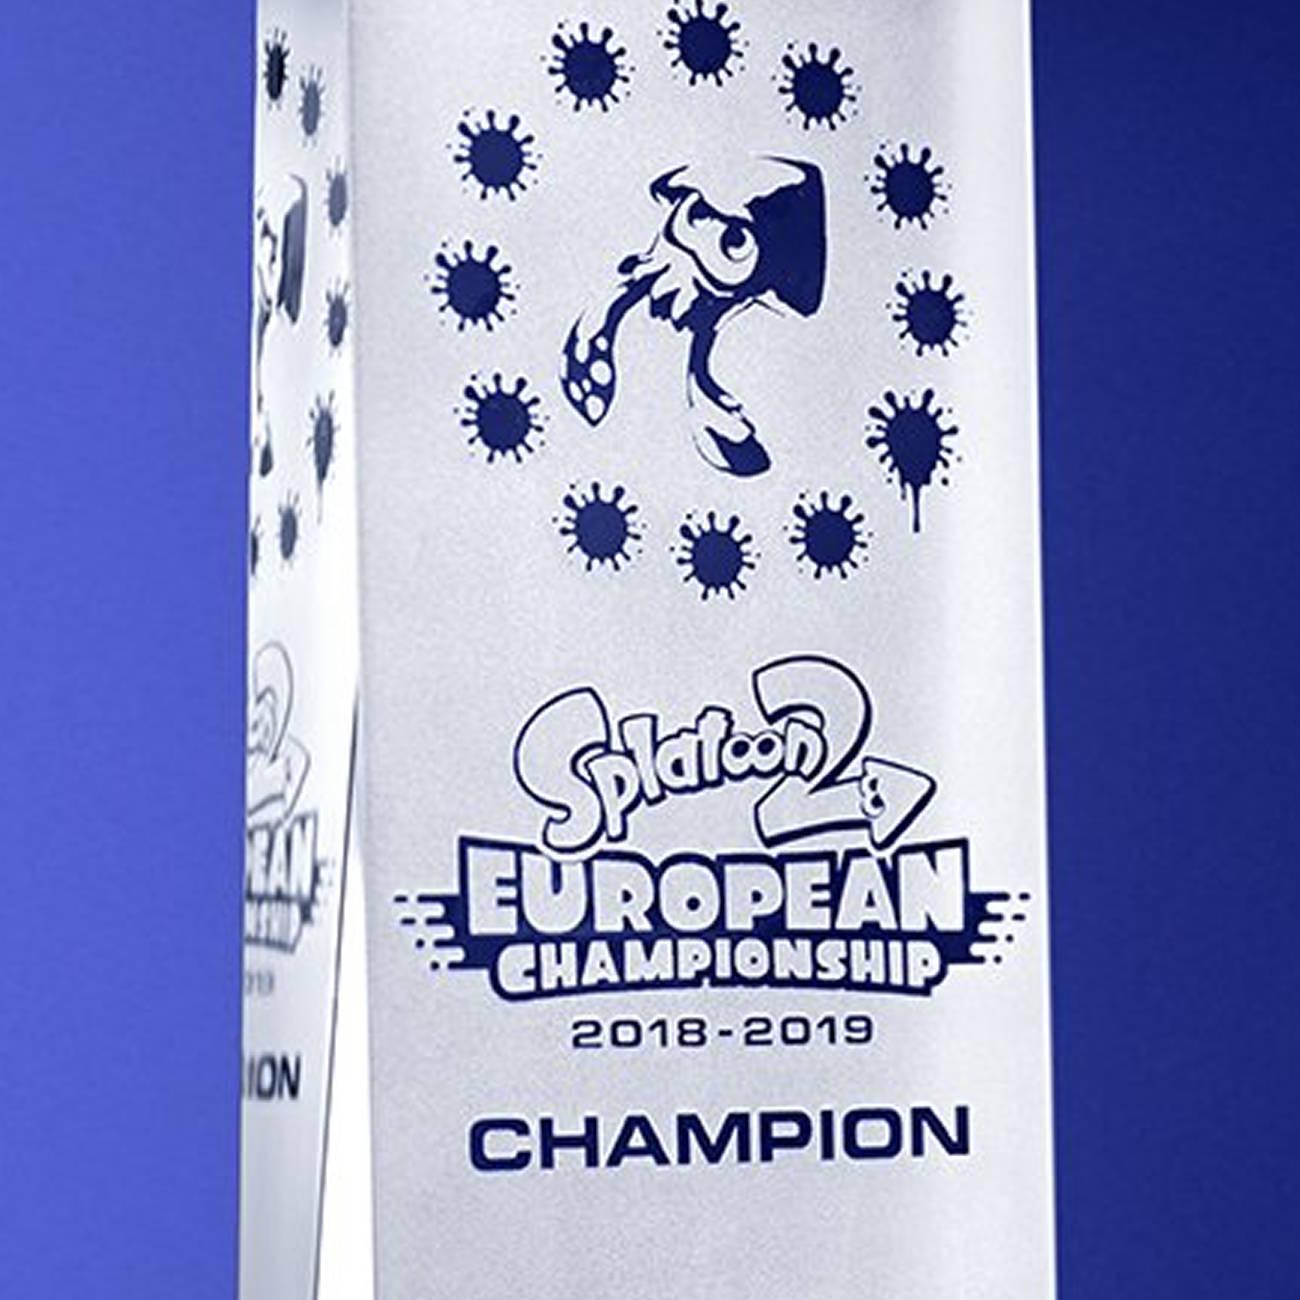 スプラトゥーン2、European Championship 2018-2019決勝